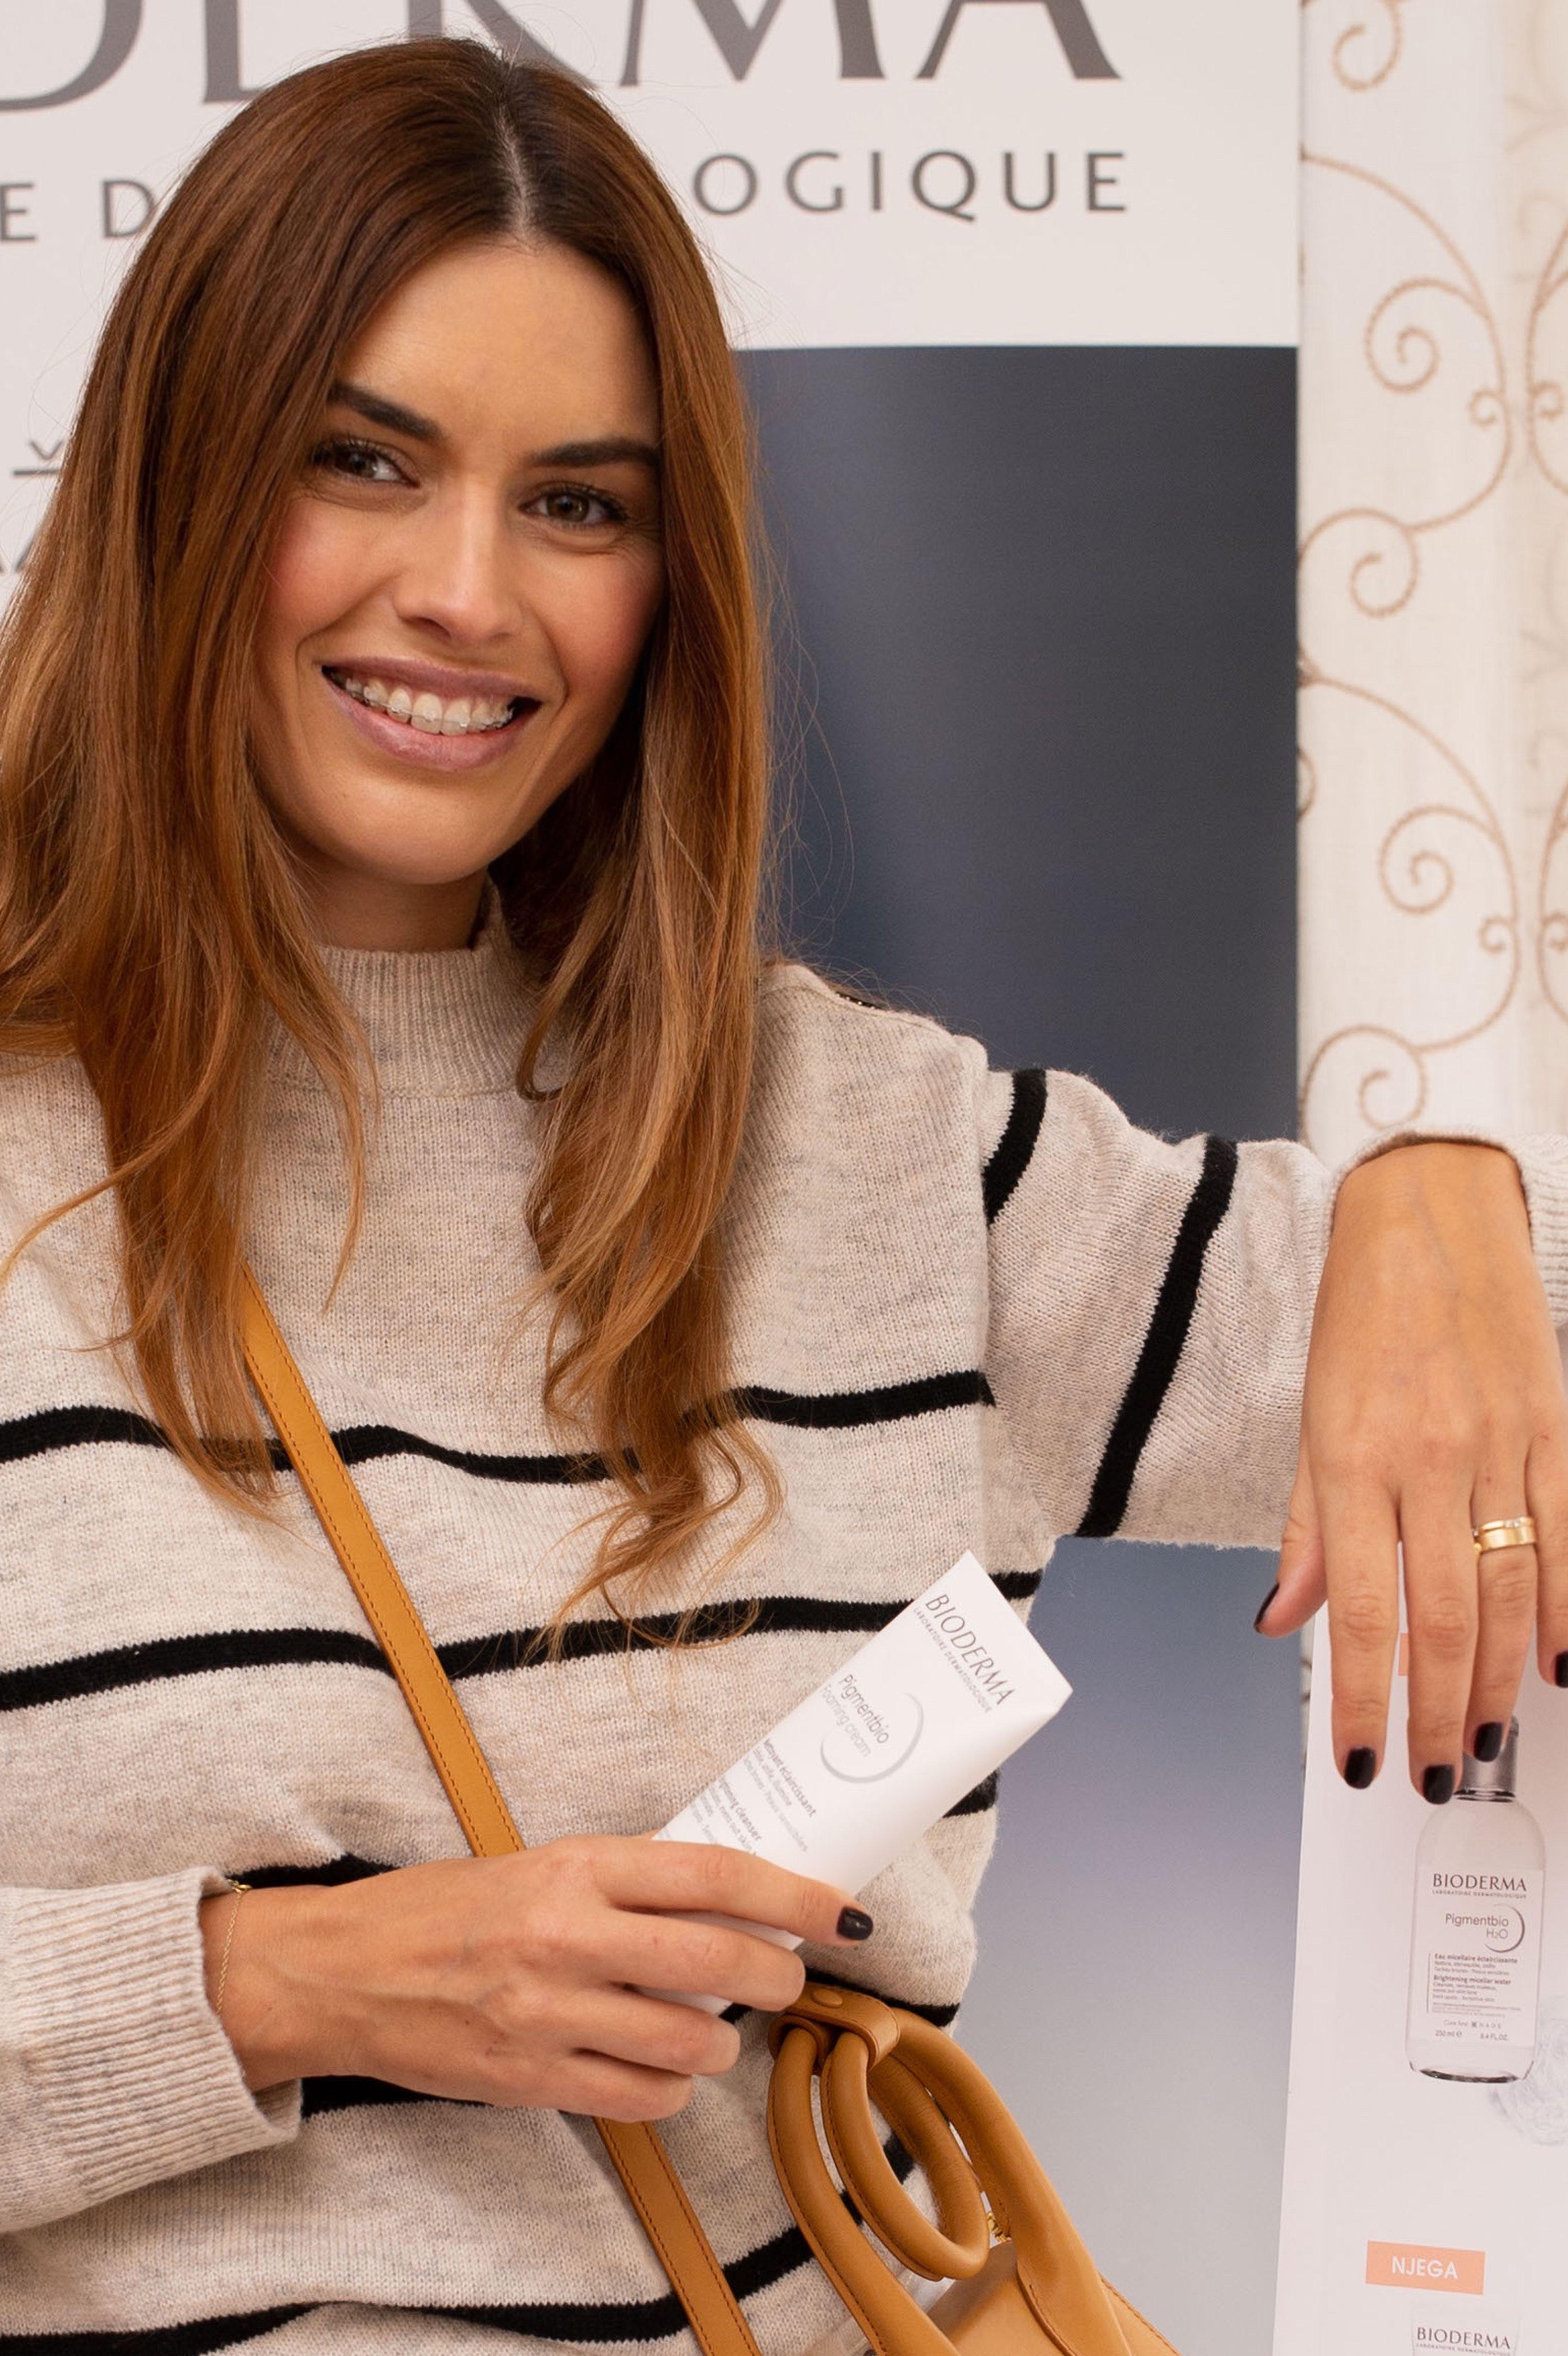 Neobična torbica na listi želja mnogih: Anita Dujić zna što je među poželjnijim modelima već sezonama